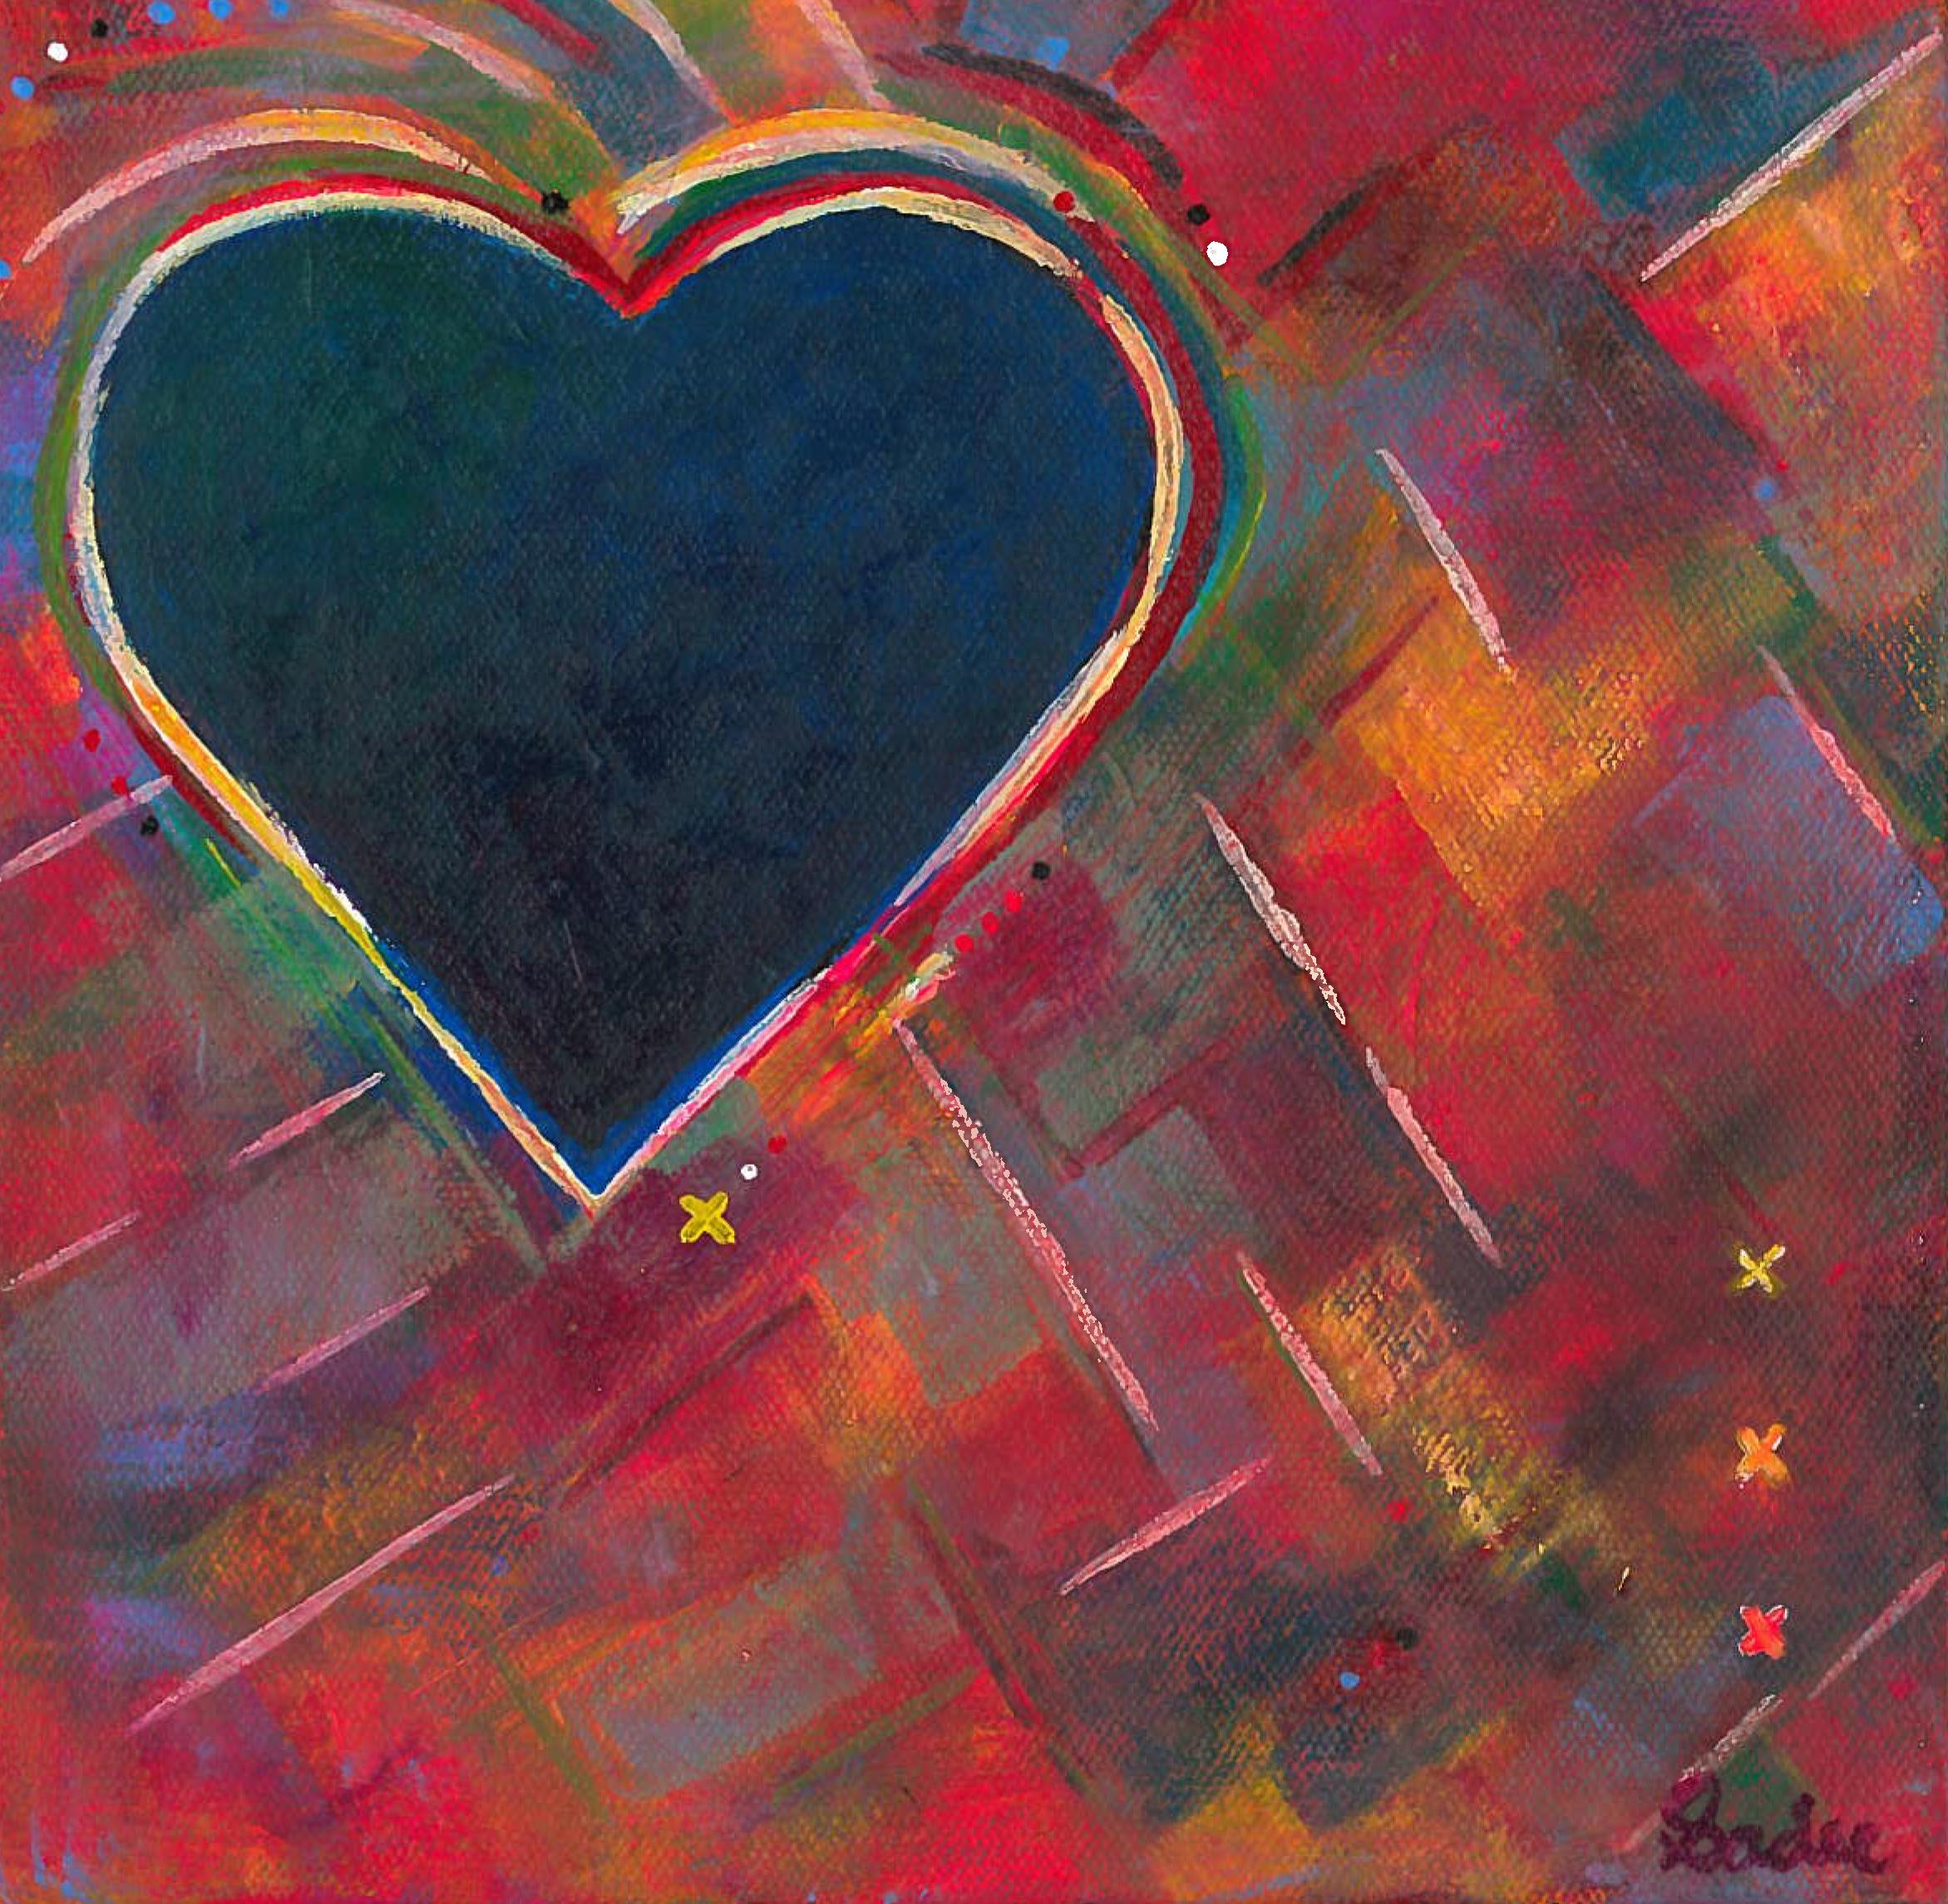 Blue Heart on Rainbow  Acrylic on Canvas 8 x 8 in.